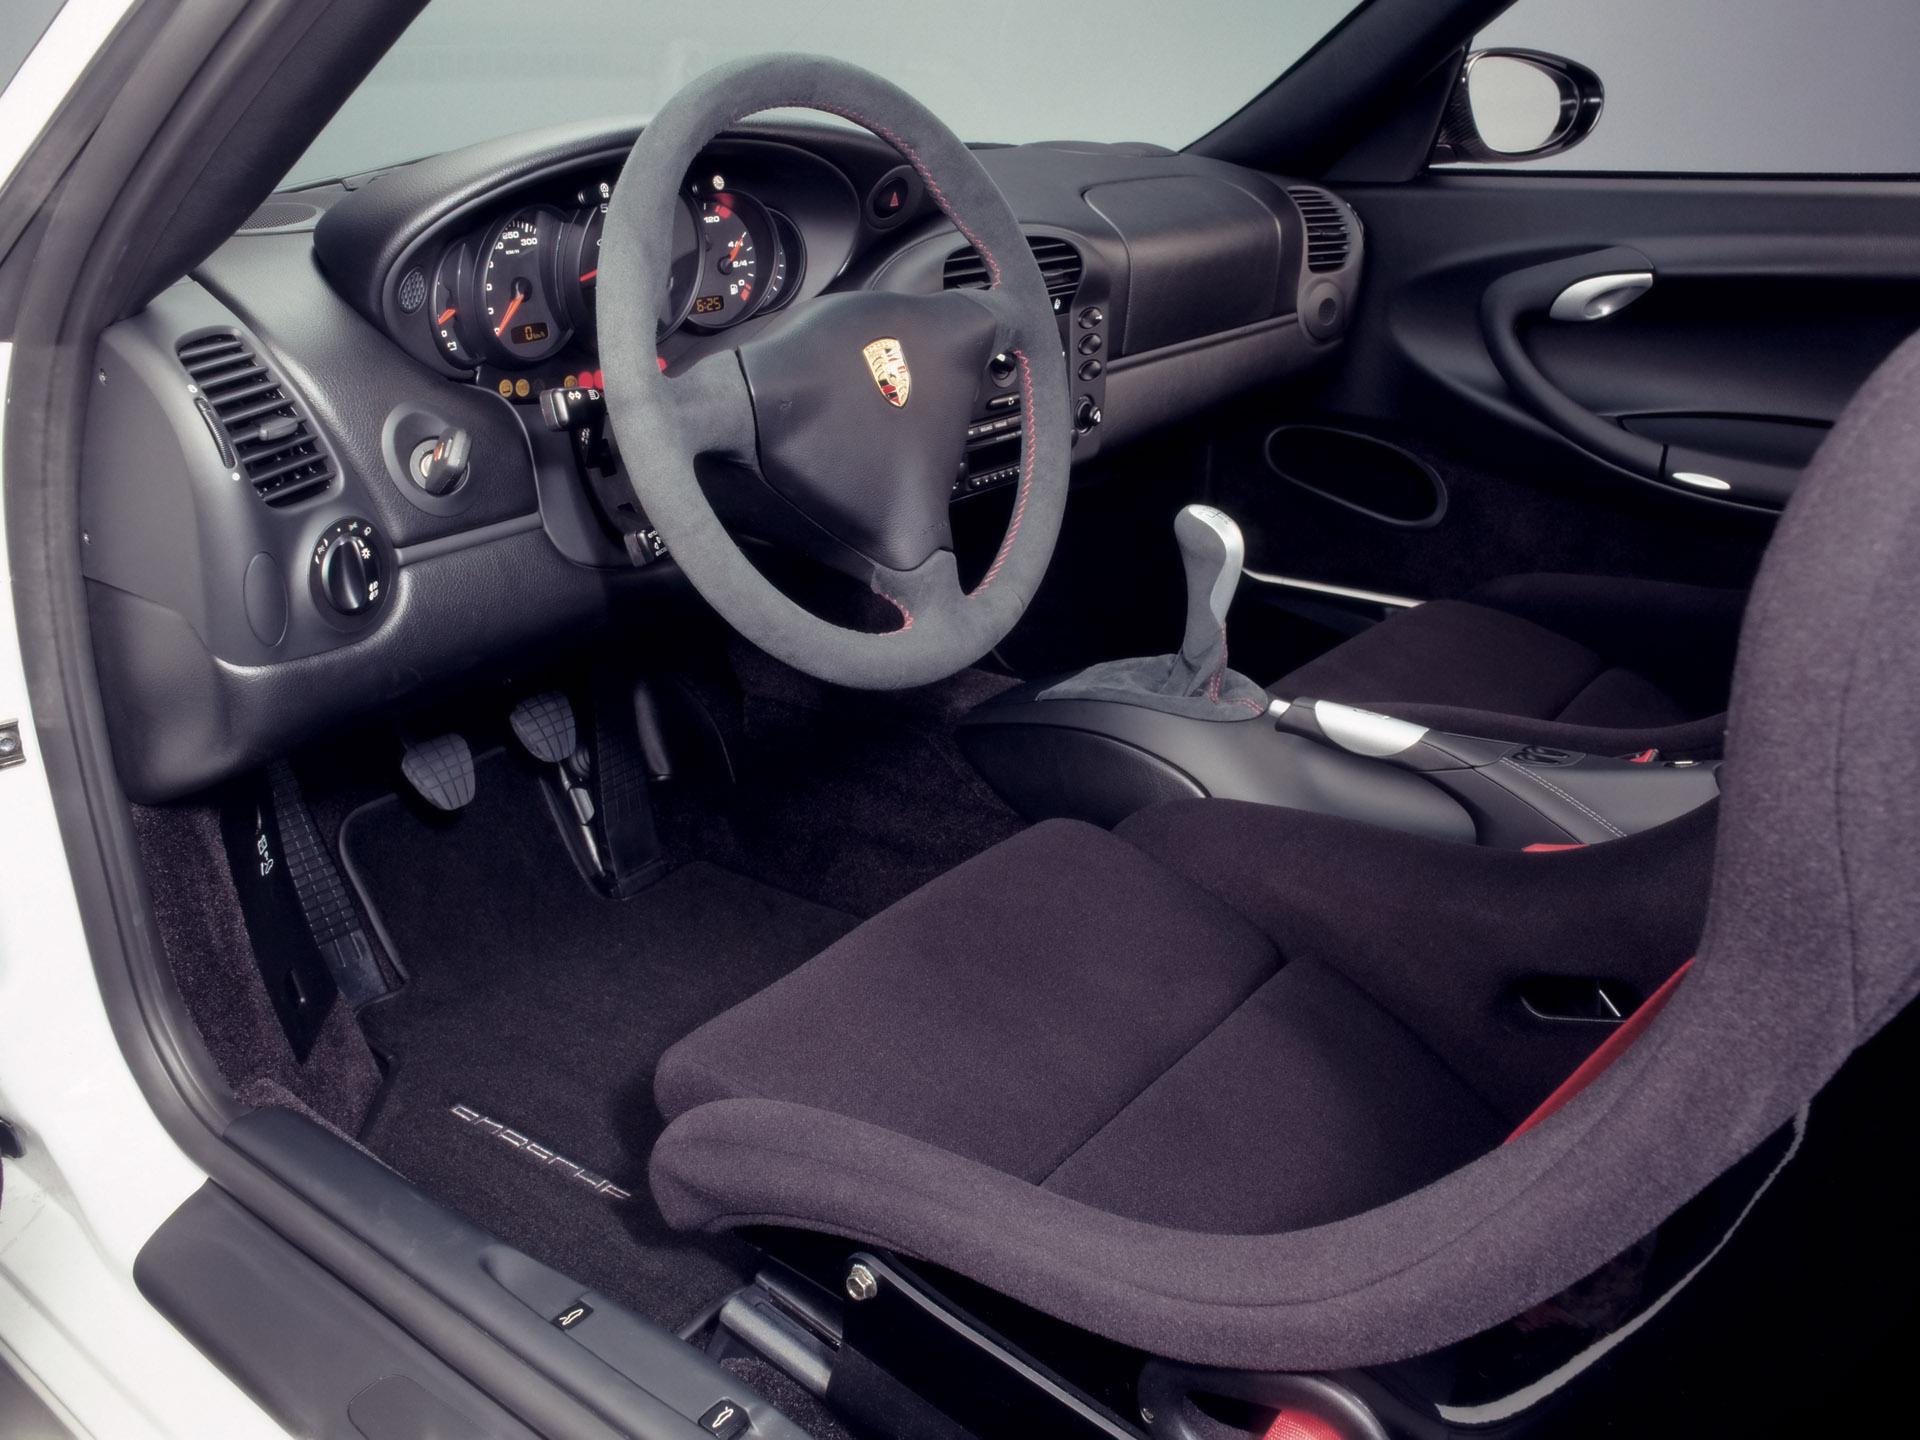 http://www.onkarkular.com/files/gimgs/20_2004-porsche-911-gt3-rs-interior-1920x1440.jpg